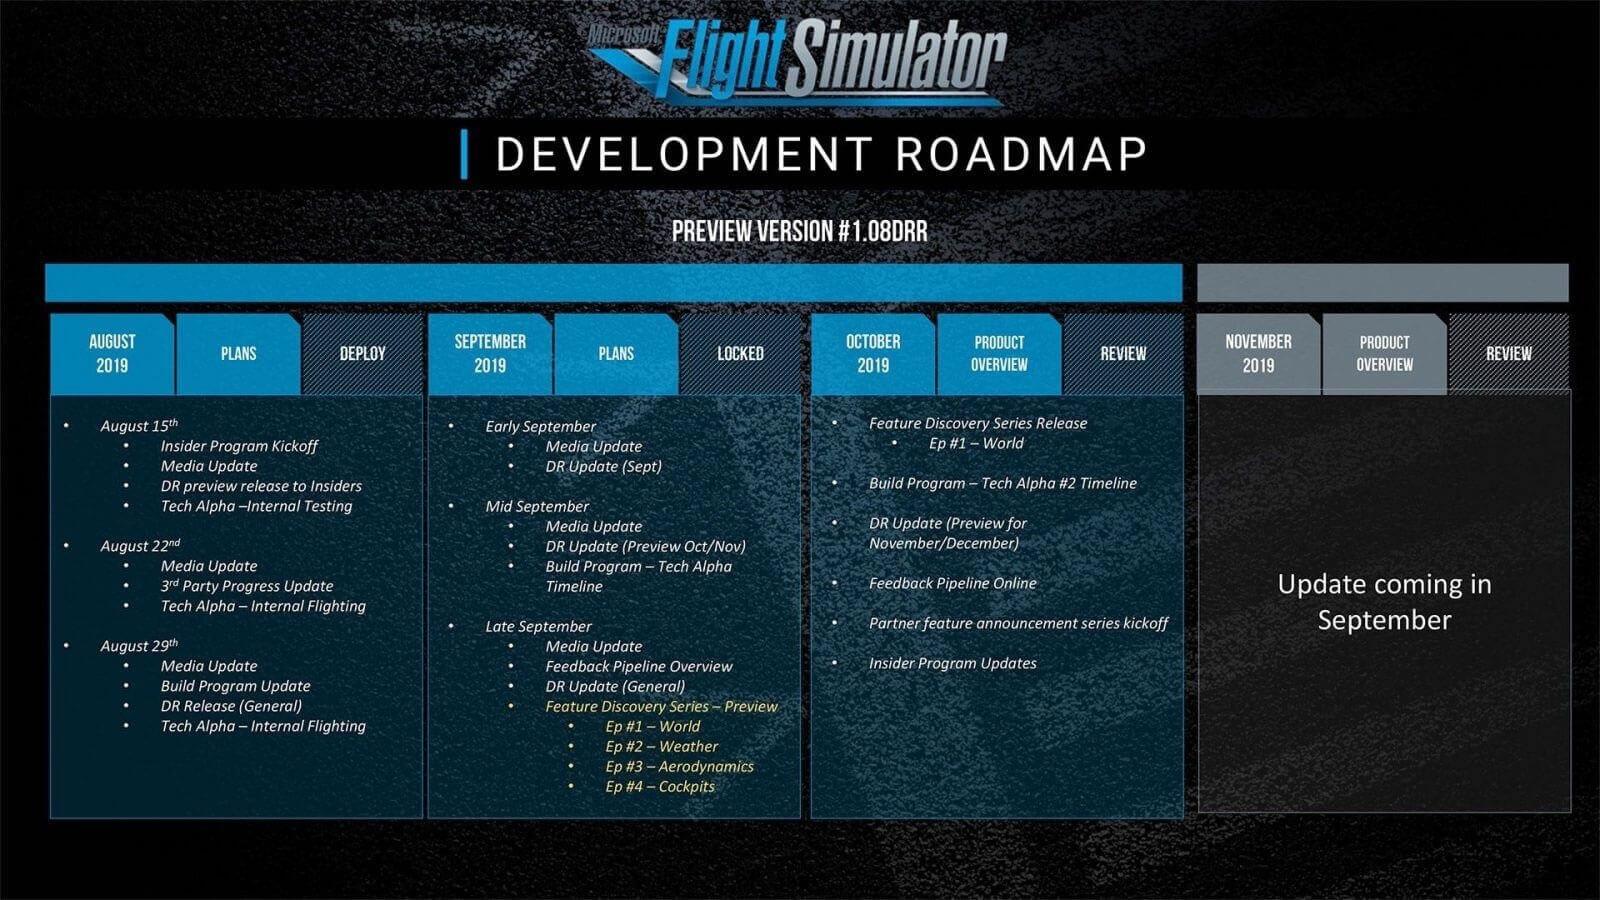 Microsoft Flight Simulator Roadmap